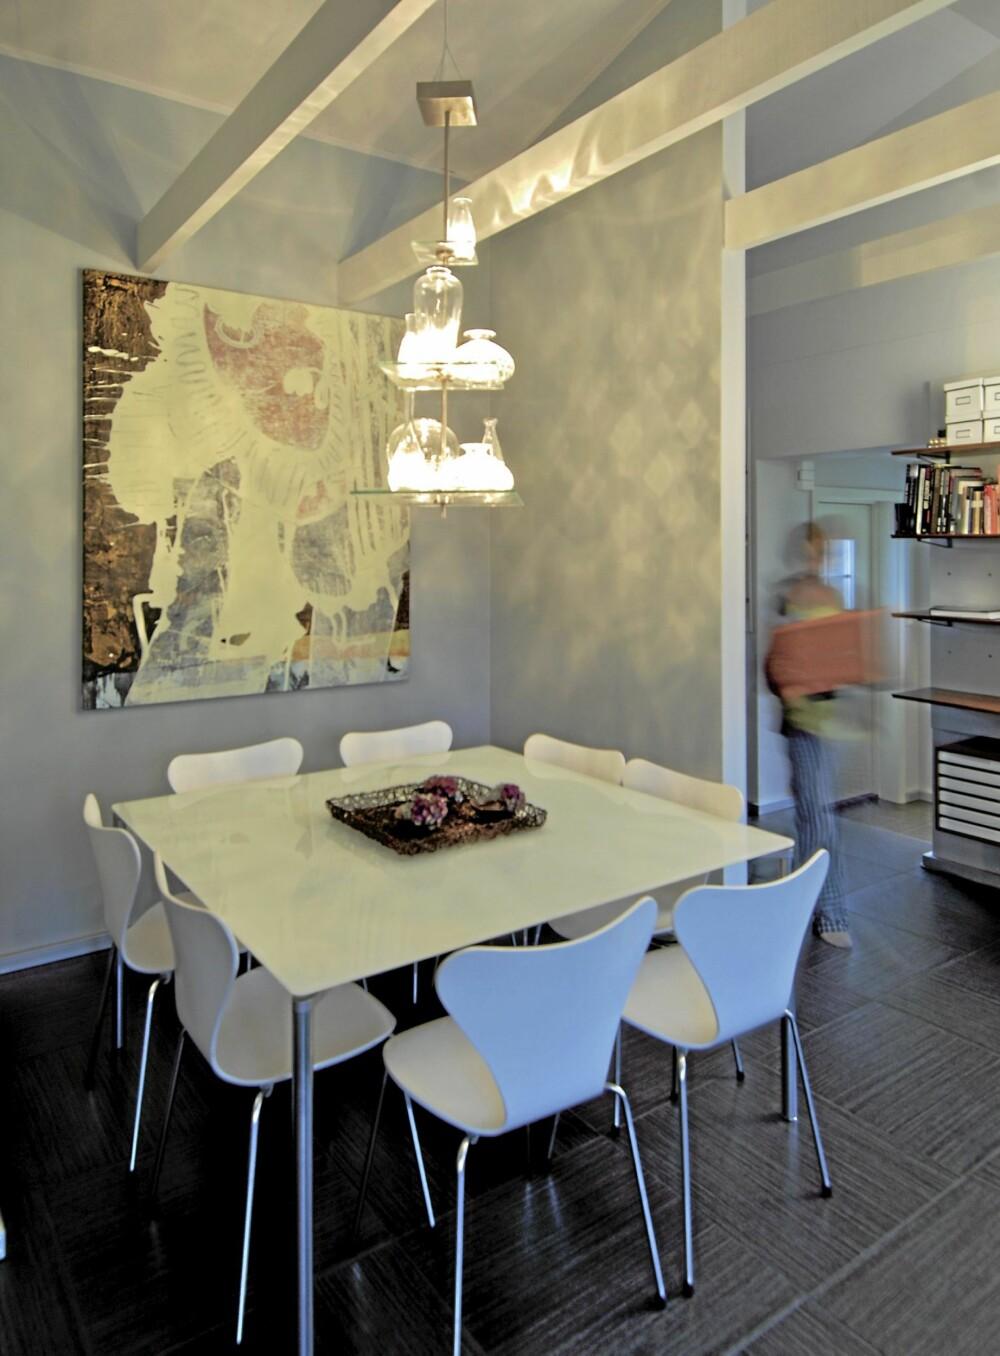 SKJERMET SONE: Glitrende lysspill. Spisestuen danner en skjermet sone ved kjøkkenavdelingen. Philippe Starcks taklampe gir et skimrende fargespill på veggene og fremhever maleriet. Glassbord fra Fritz Hansen. Gulvet er dekket av store gulvfliser fra Viva, «X-ILO», Fagflis.